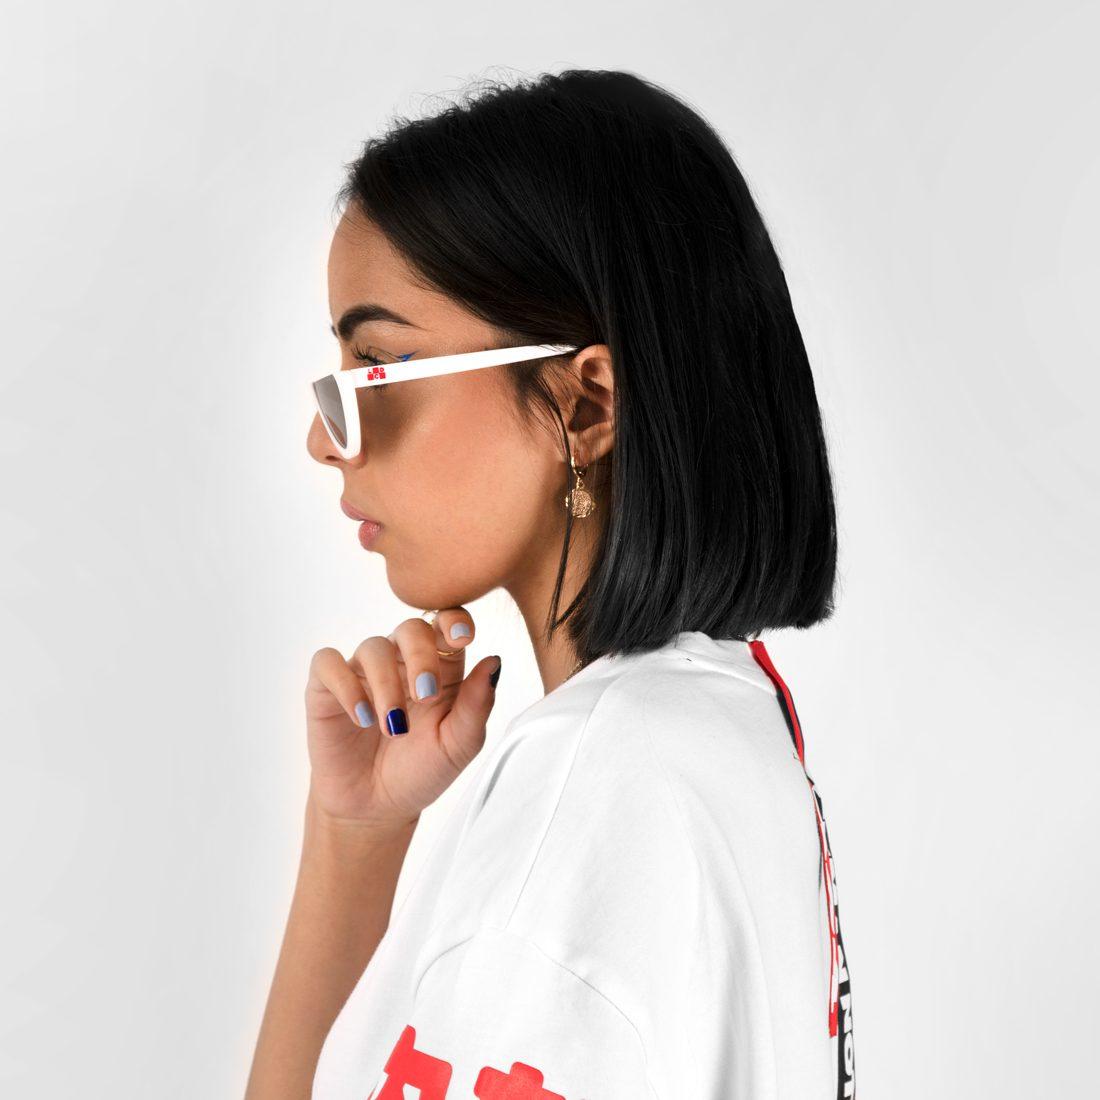 W_whiteglasses2